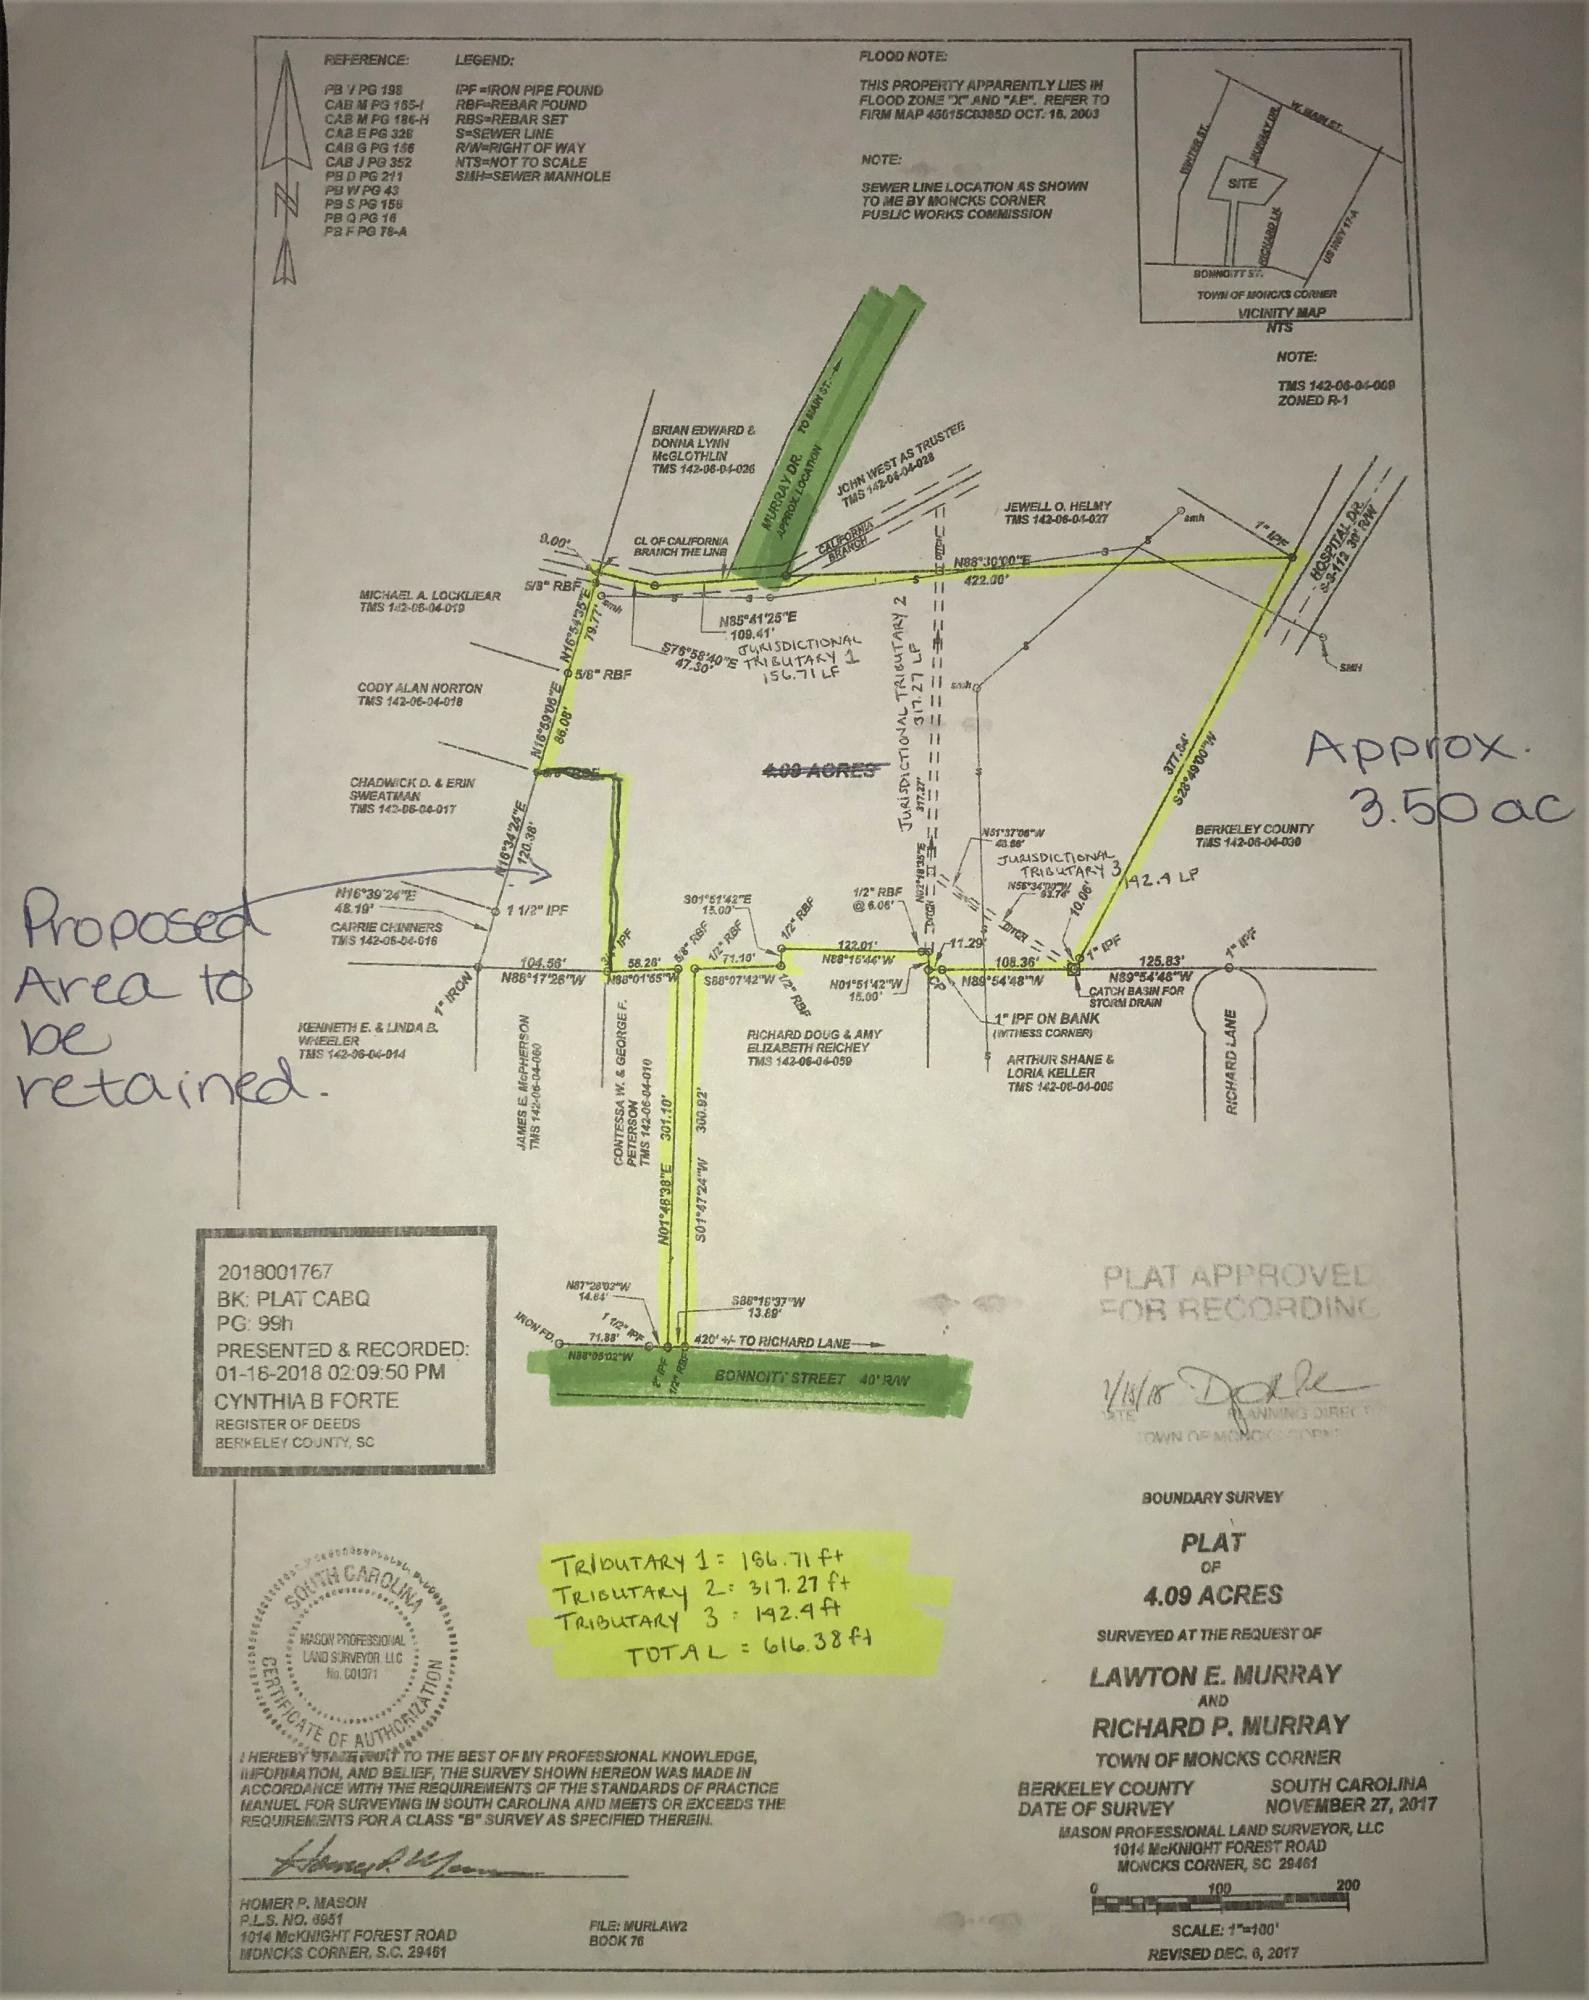 Bonnoitt Street Moncks Corner, SC 29461